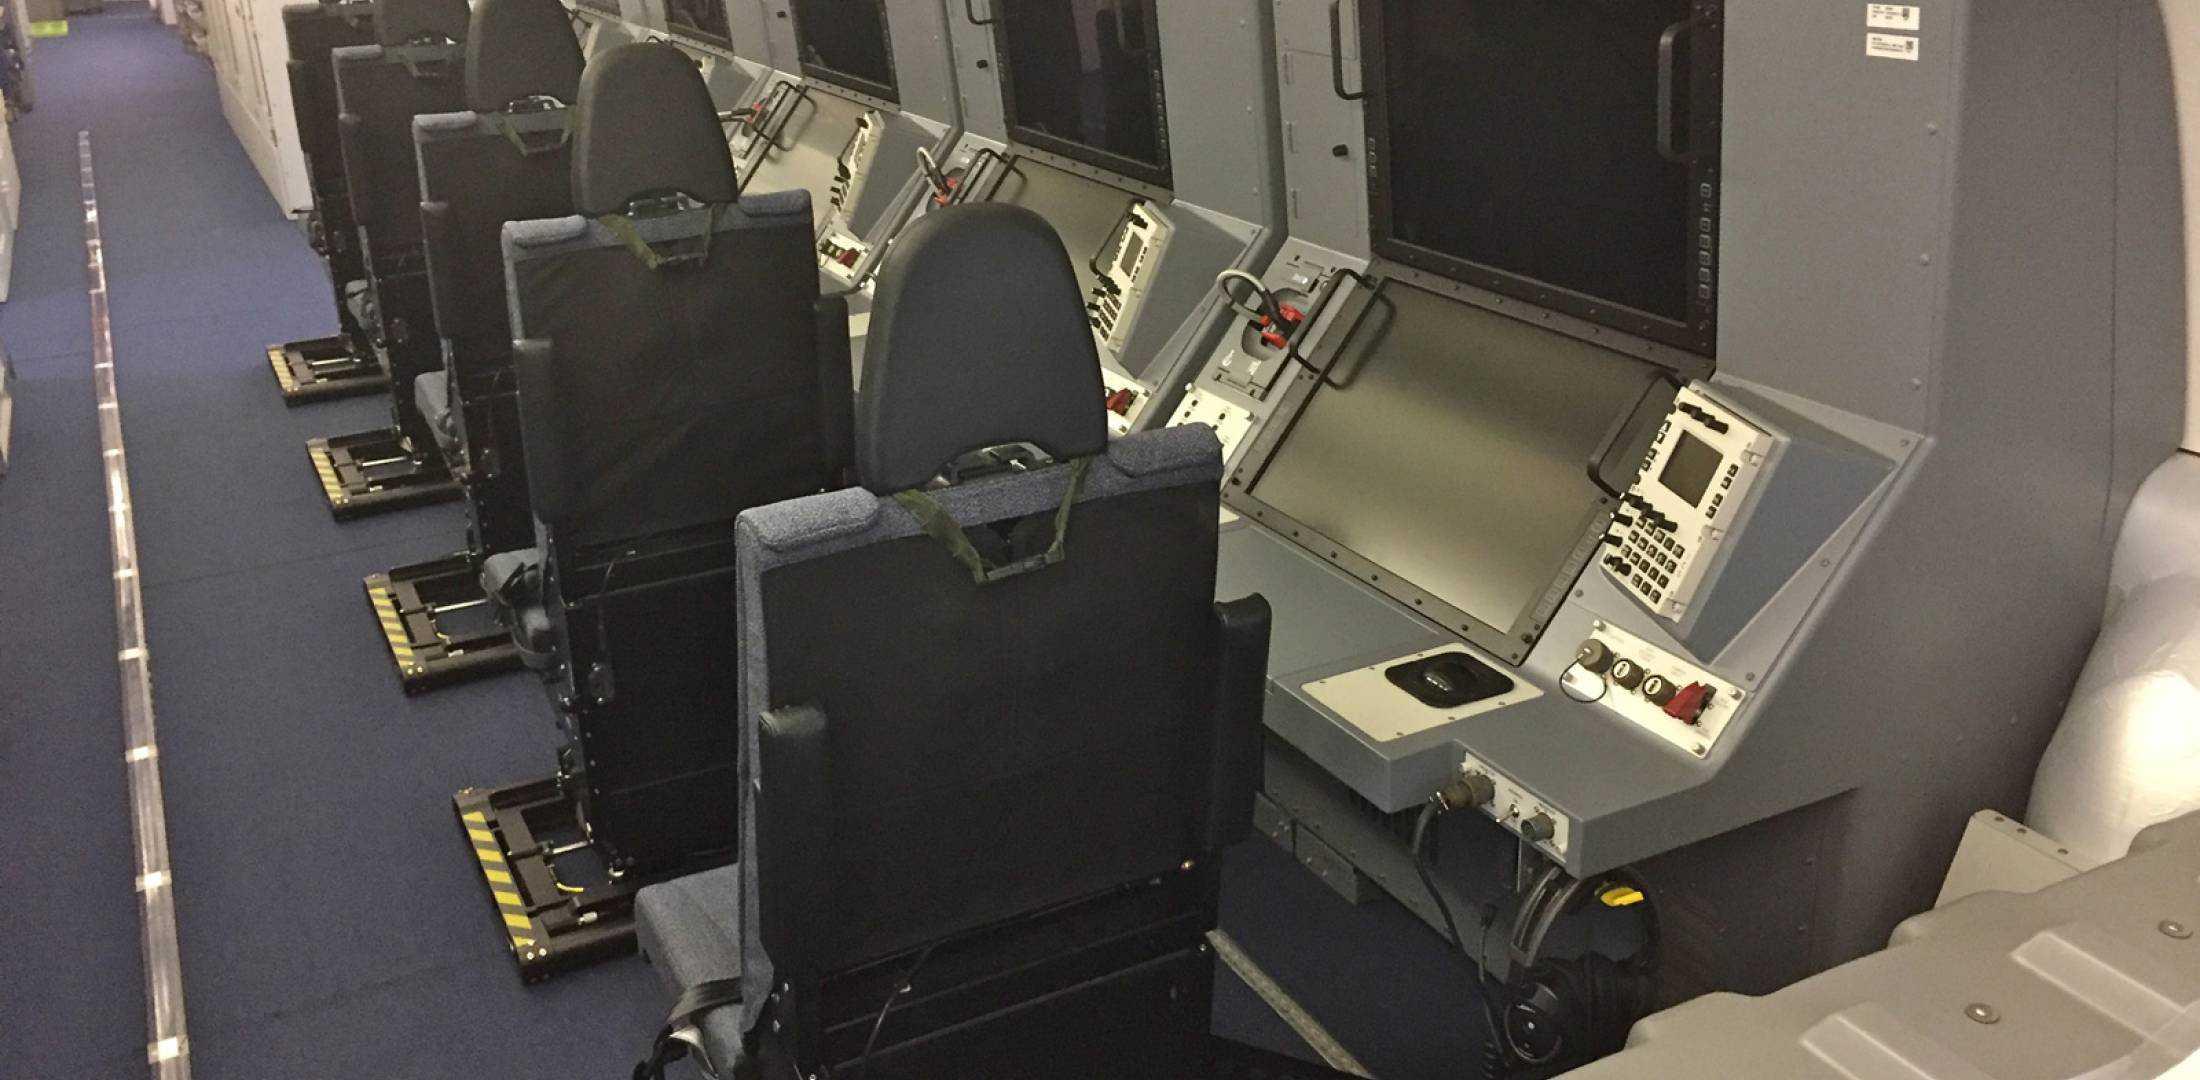 Робочі місця операторів в протичовновому літаку P-8A Poseidon